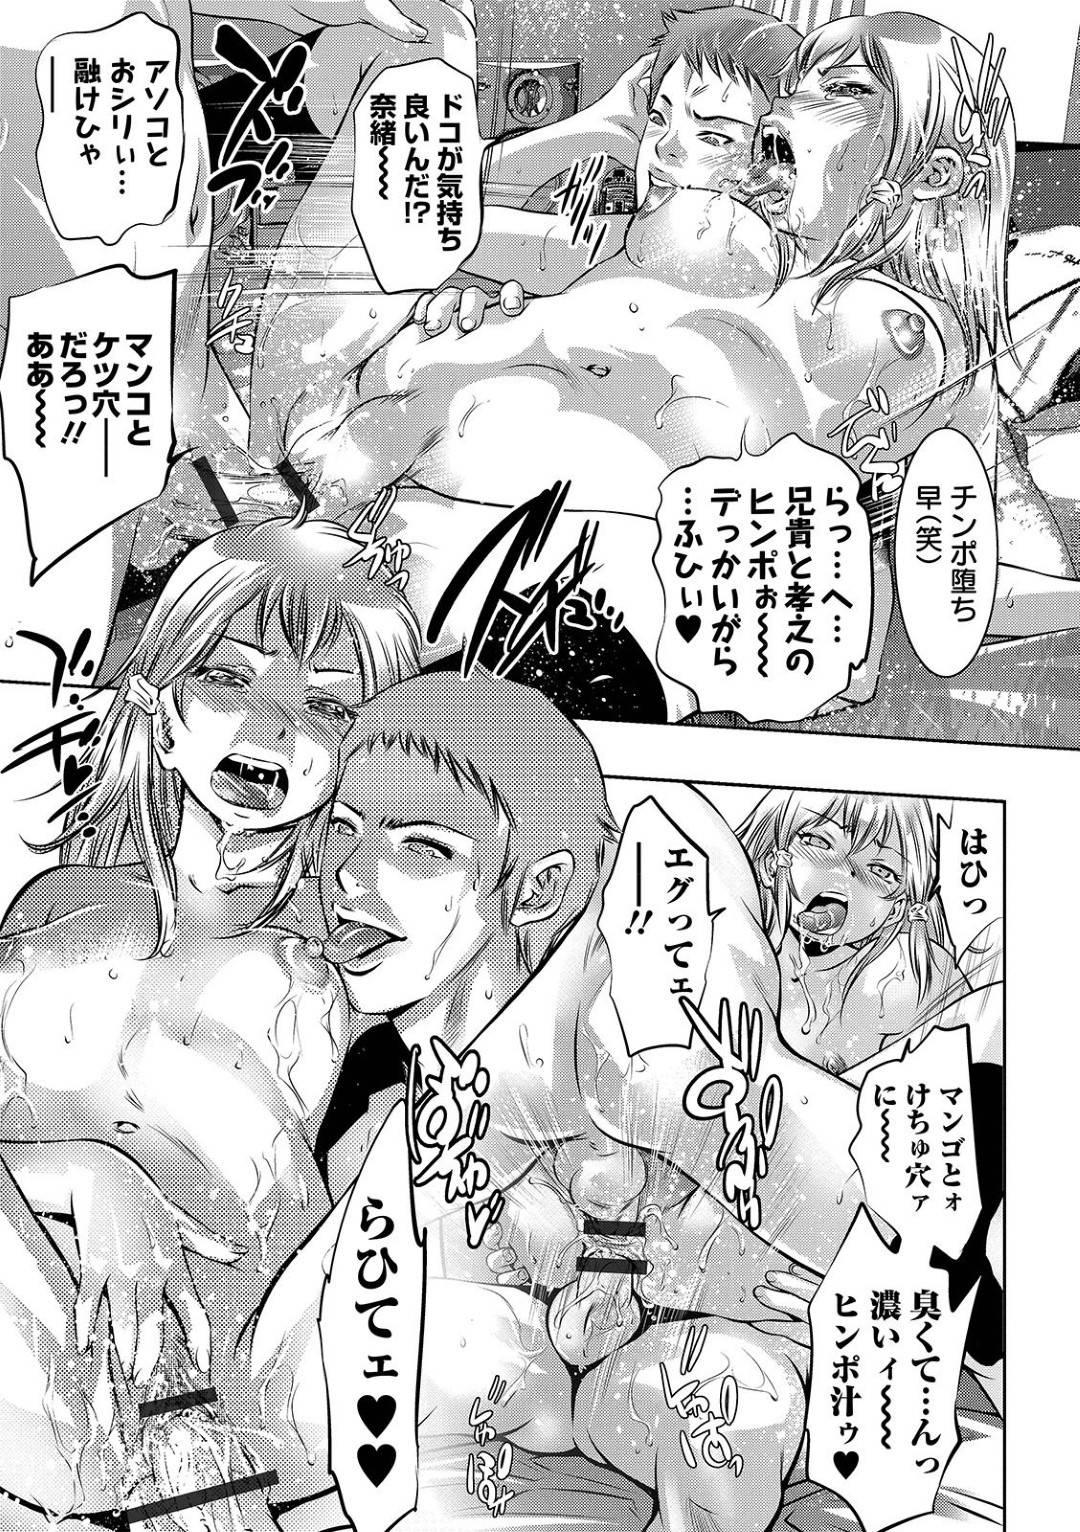 【エロ漫画】兄にレイプされた後兄の友達にも襲われてしまった妹JK…男の力には敵わず3Pで両穴中出しされてしまう!【鬼窪浩久】